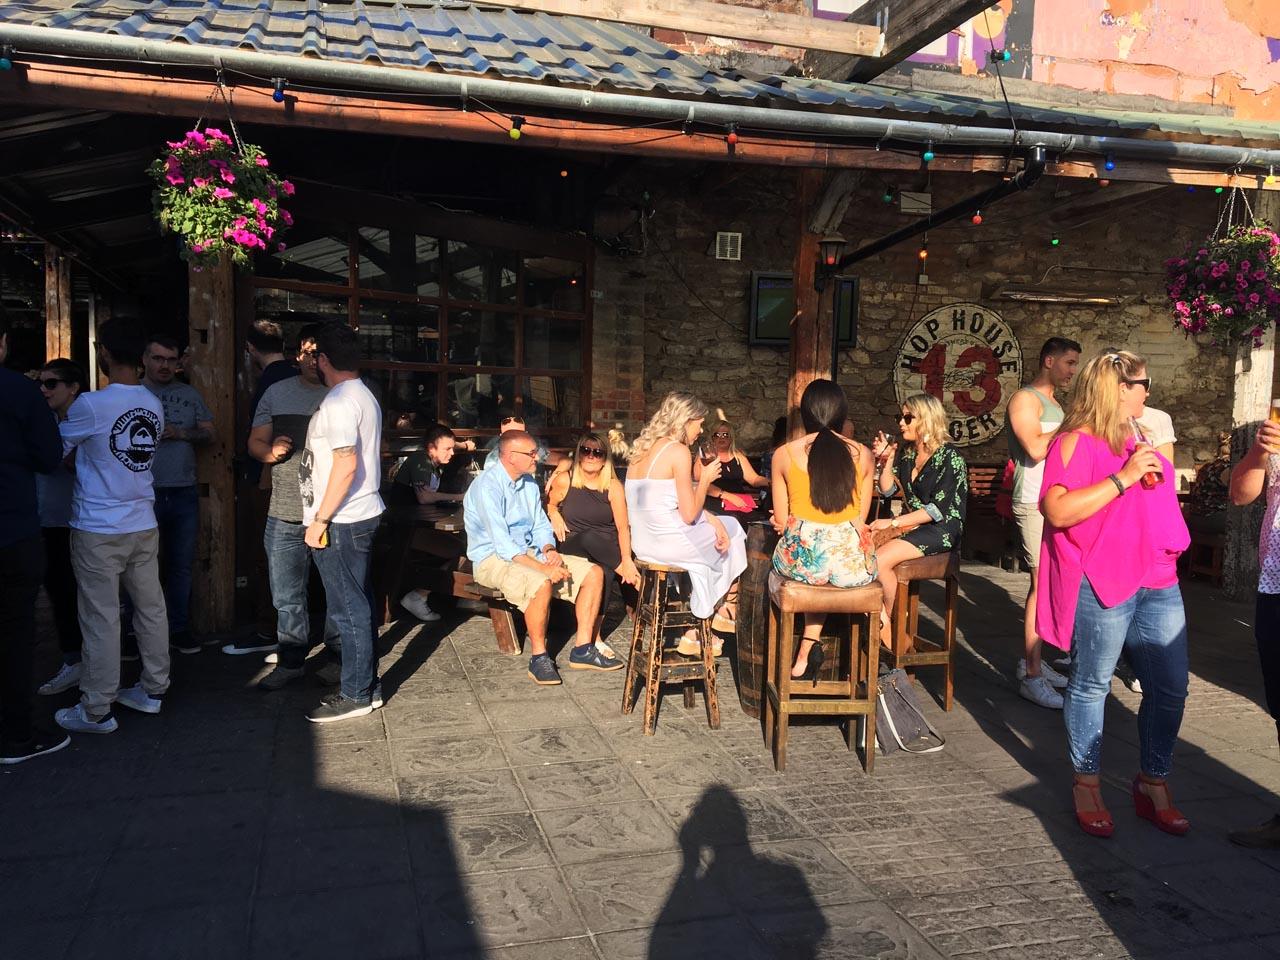 I beer garden hanno spopolato durante il caldo: qui siamo al Deep South., Cork, luglio 2018